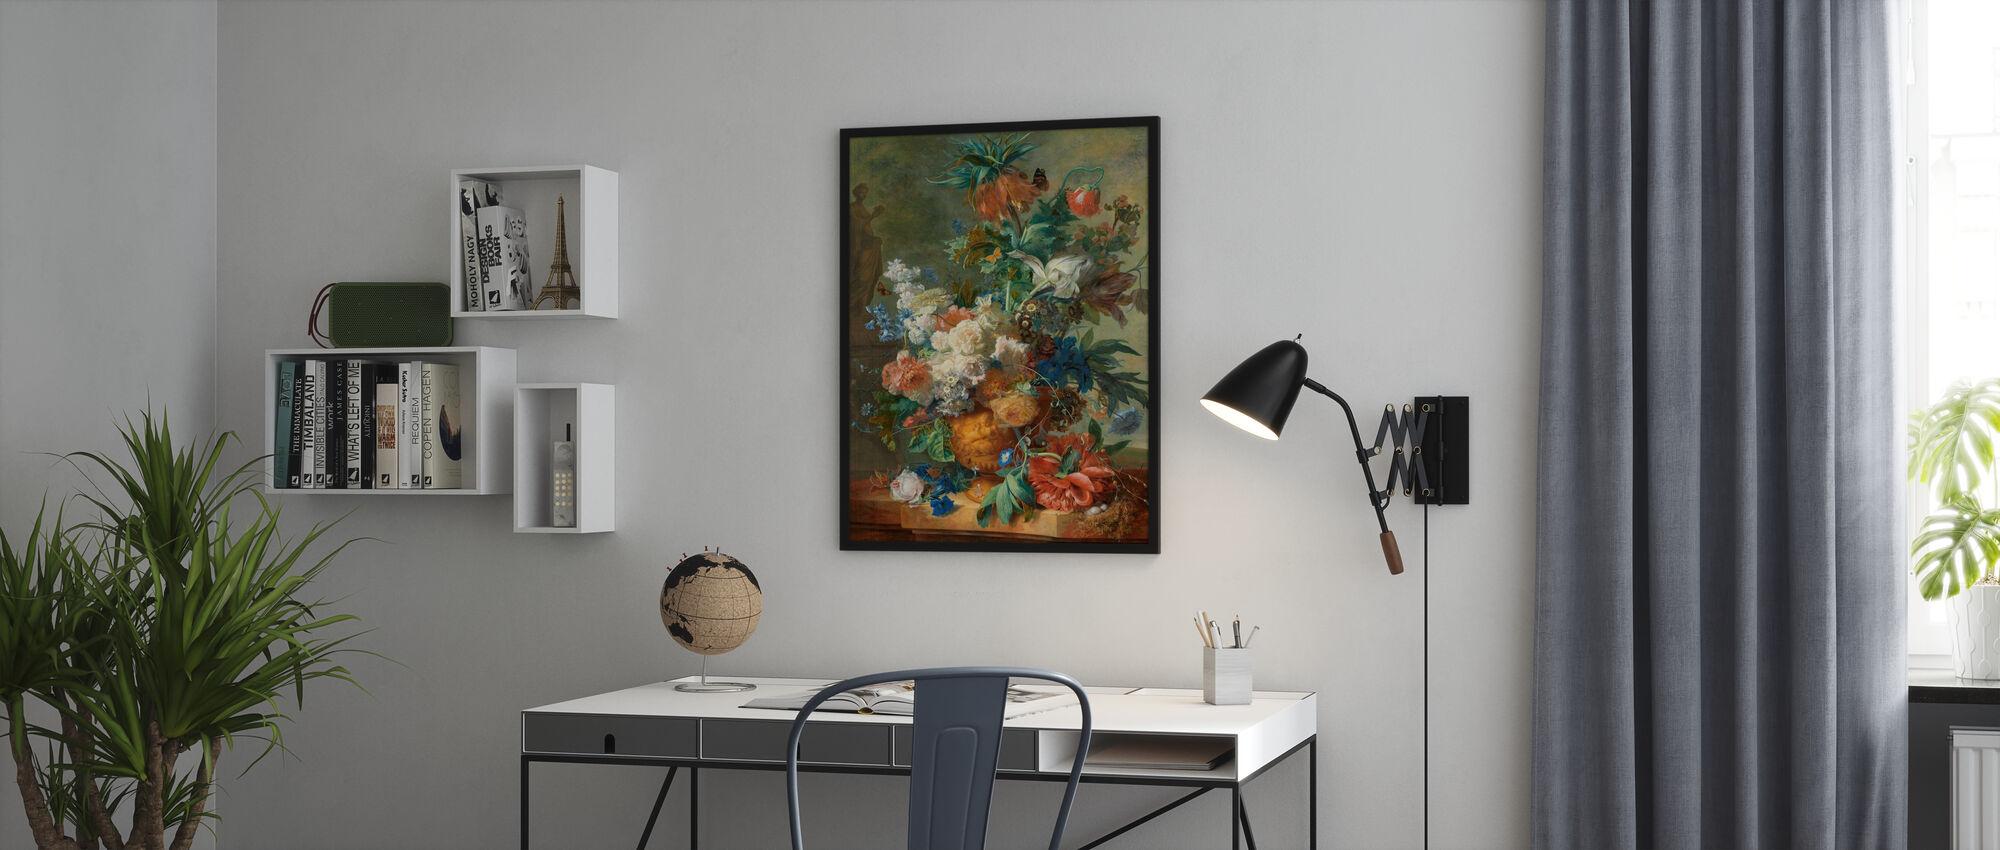 Stilleben med blommor - Jan Van Huysum - Poster - Kontor